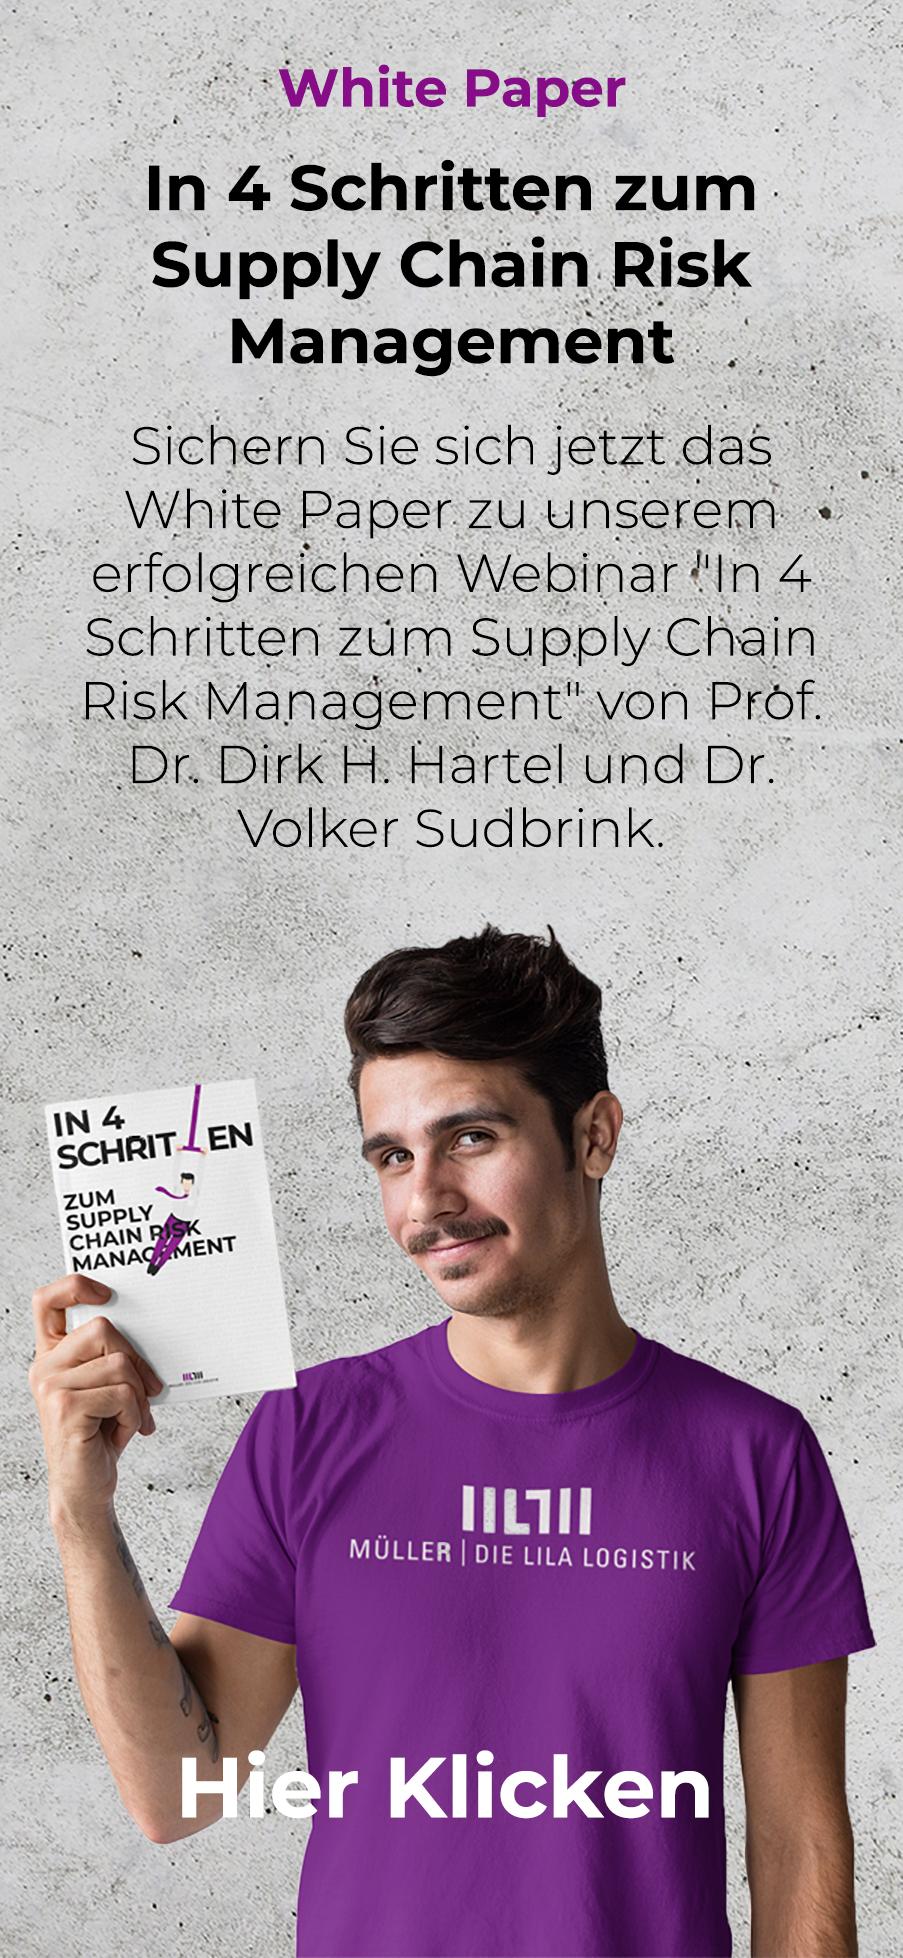 White Paper - Supply Chain Risk Management in 4 Schritten